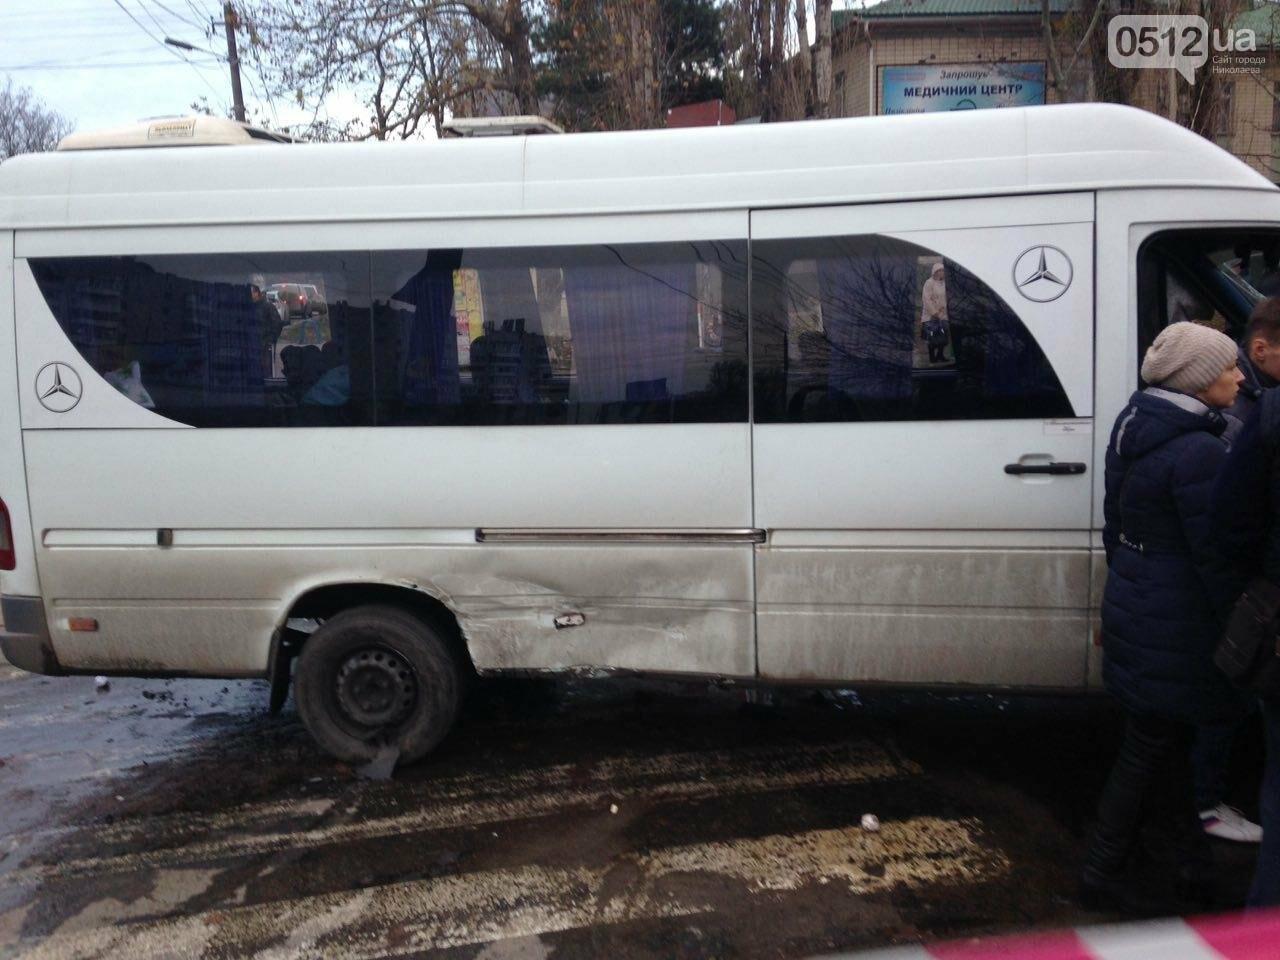 В Николаеве перевернулся микроавтобус, в котором студенты университета культуры возвращались с благотворительной акции, есть пострадавшие, фото-4